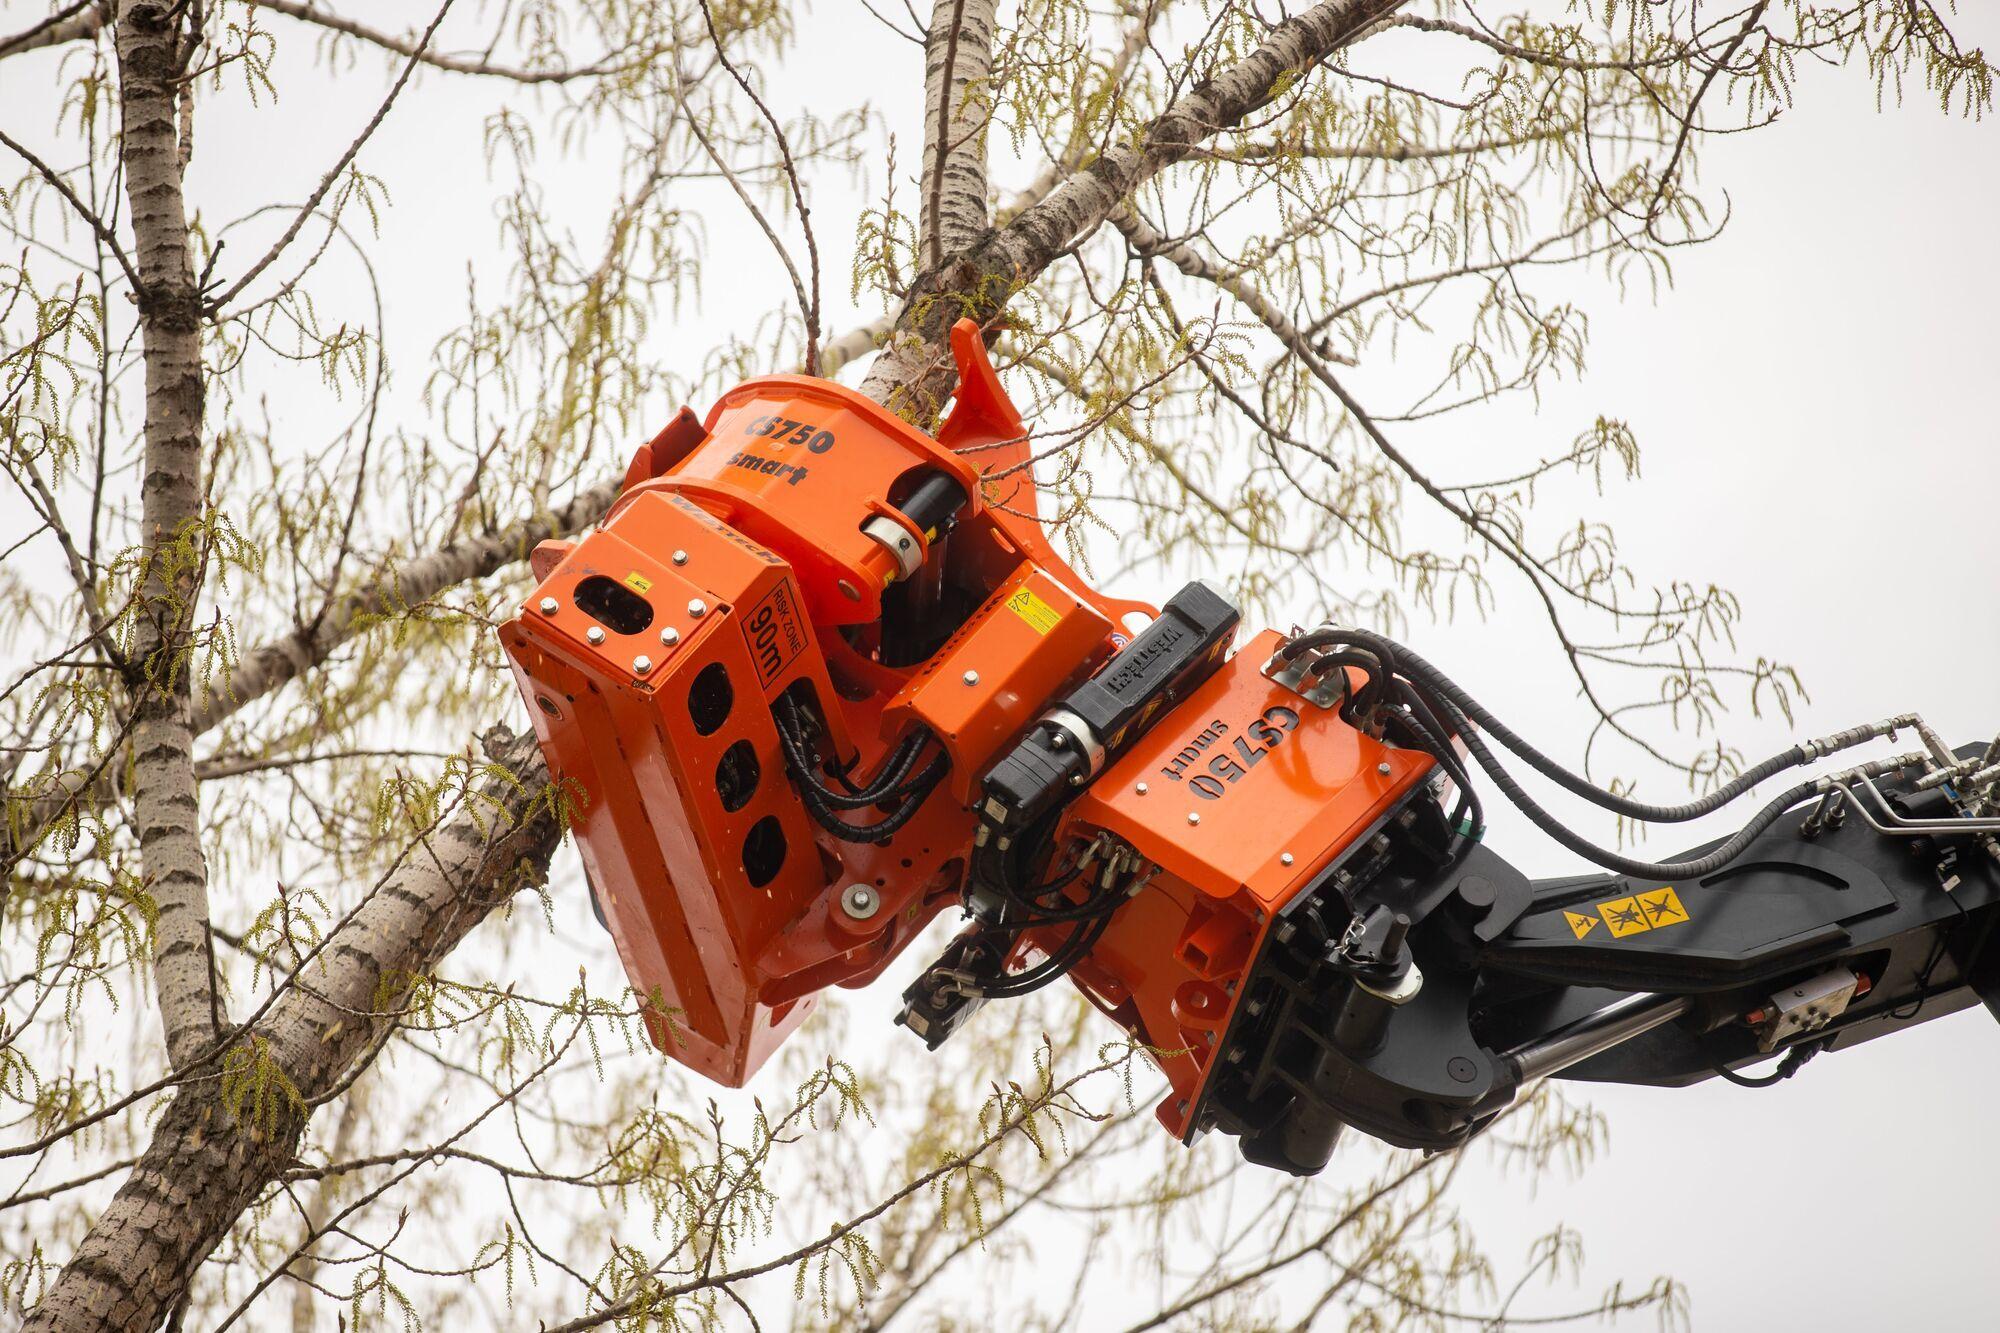 Машина позволяет удалять дерева любой высоты без привлечения вышки, кранов и т.п.